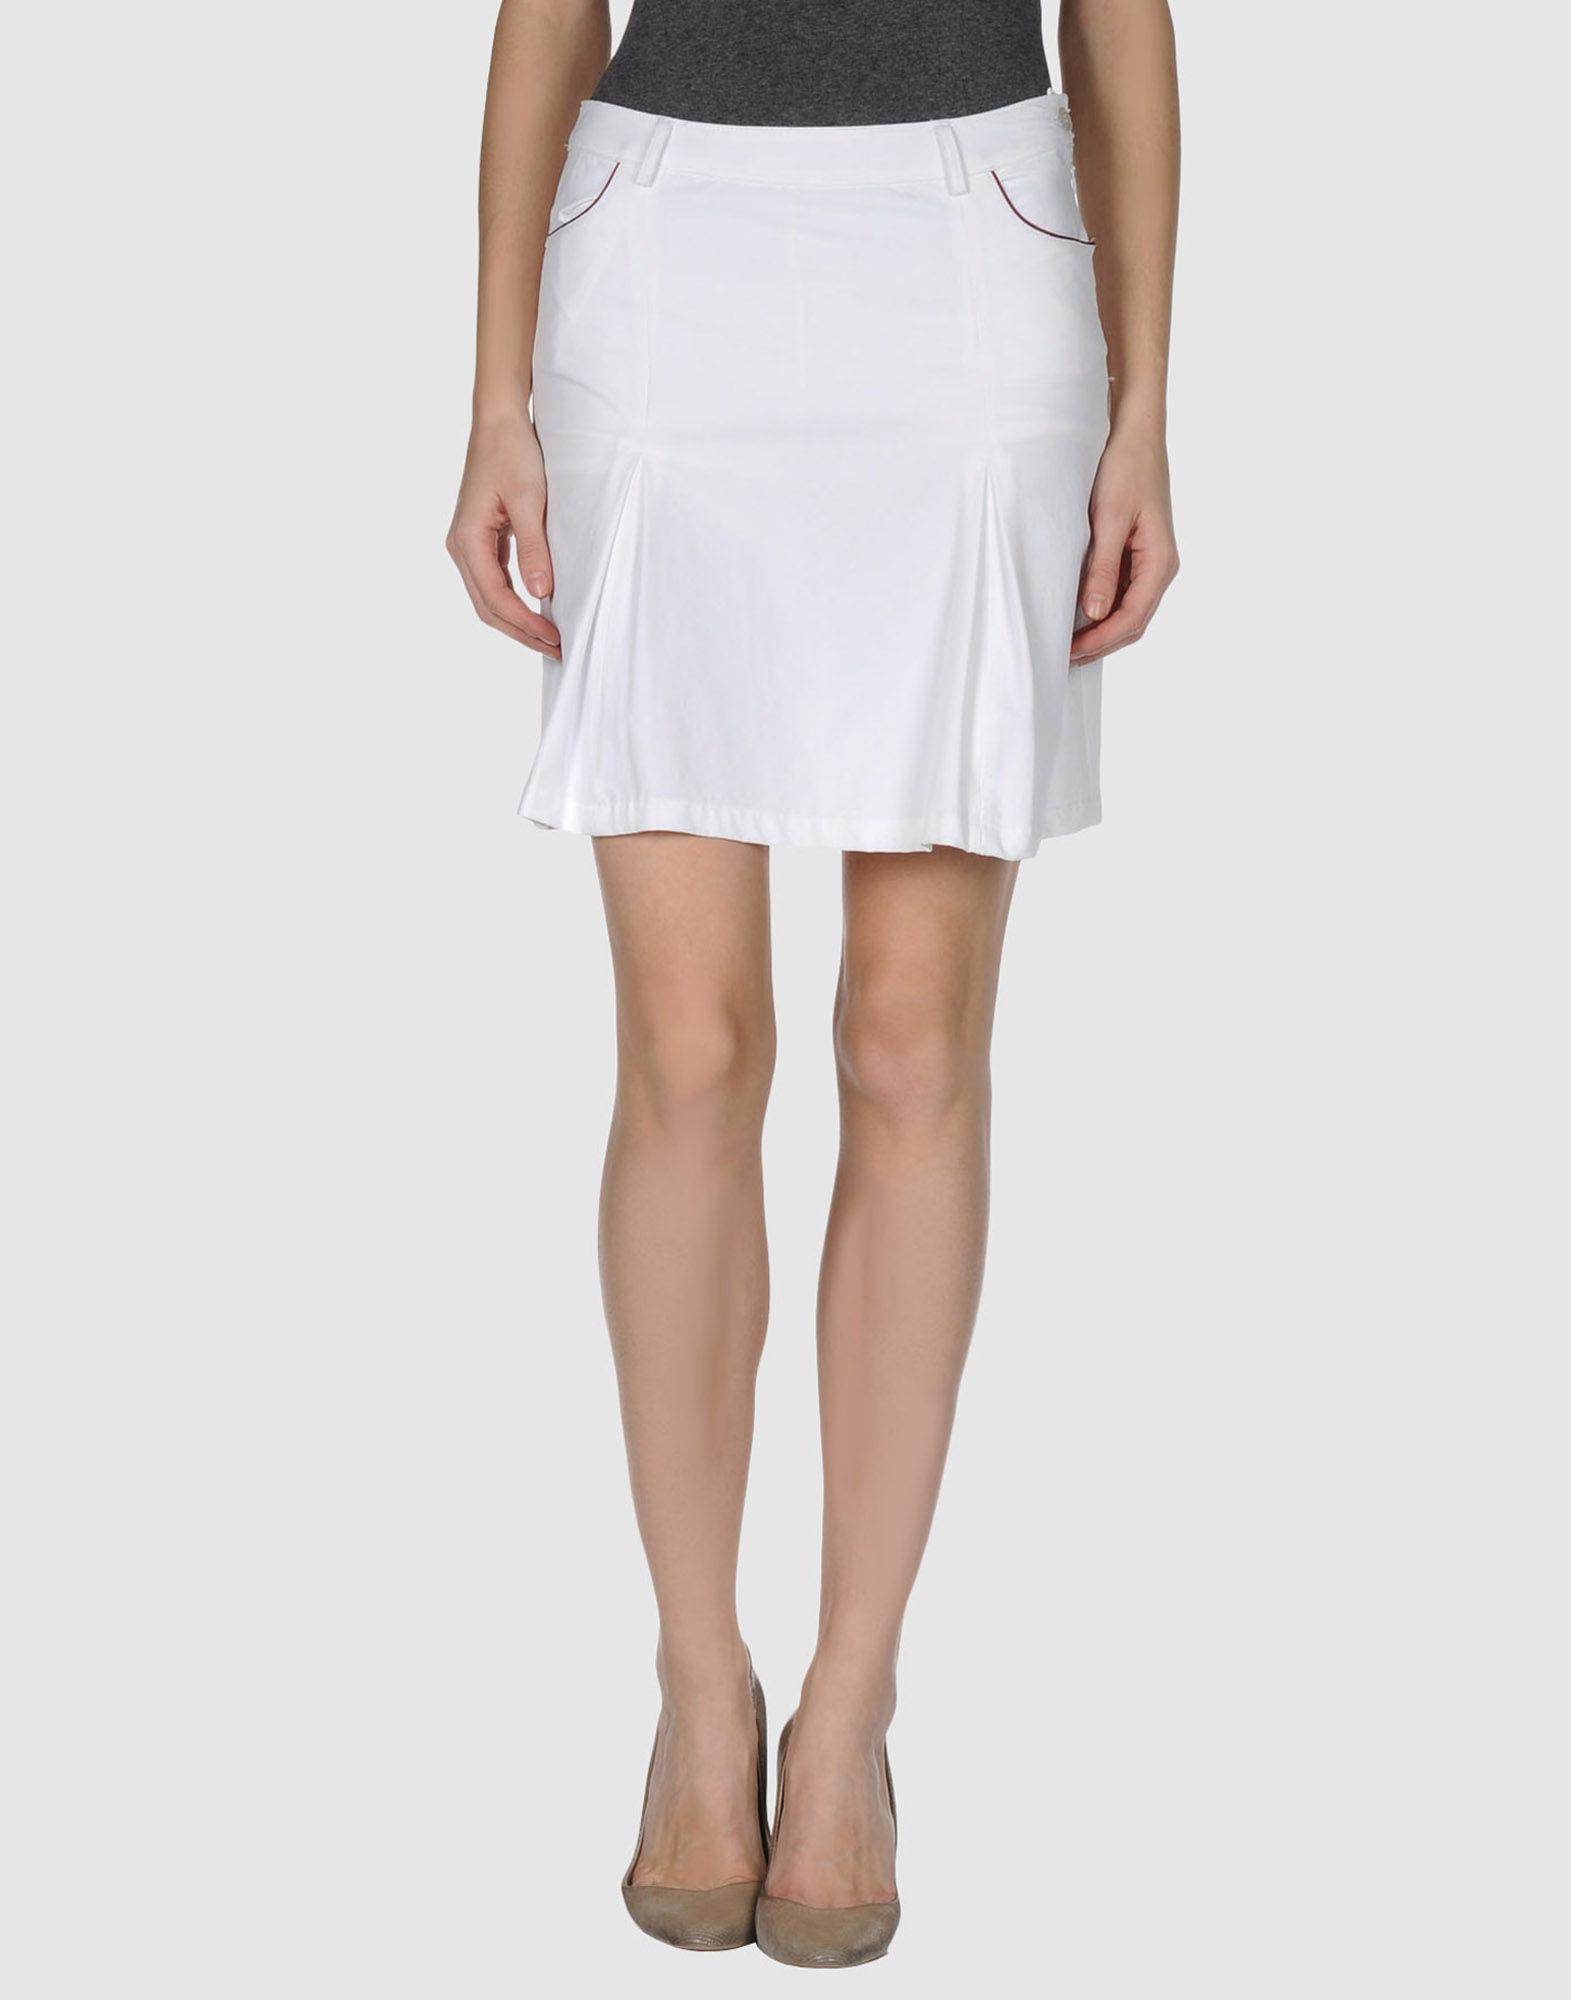 ea7 mini skirt in white lyst